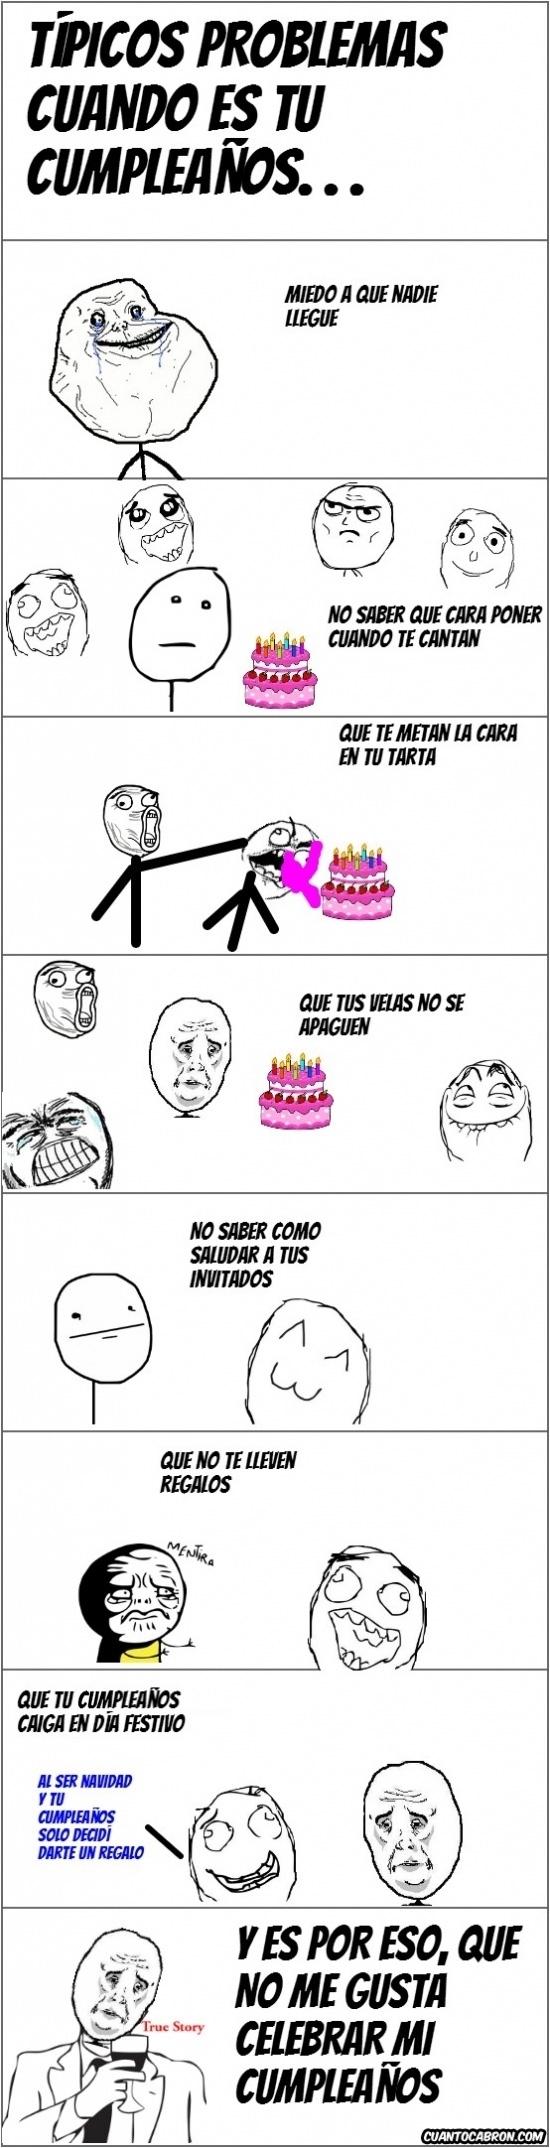 Mix - Prefiero no celebrar mi cumpleaños por varias razones